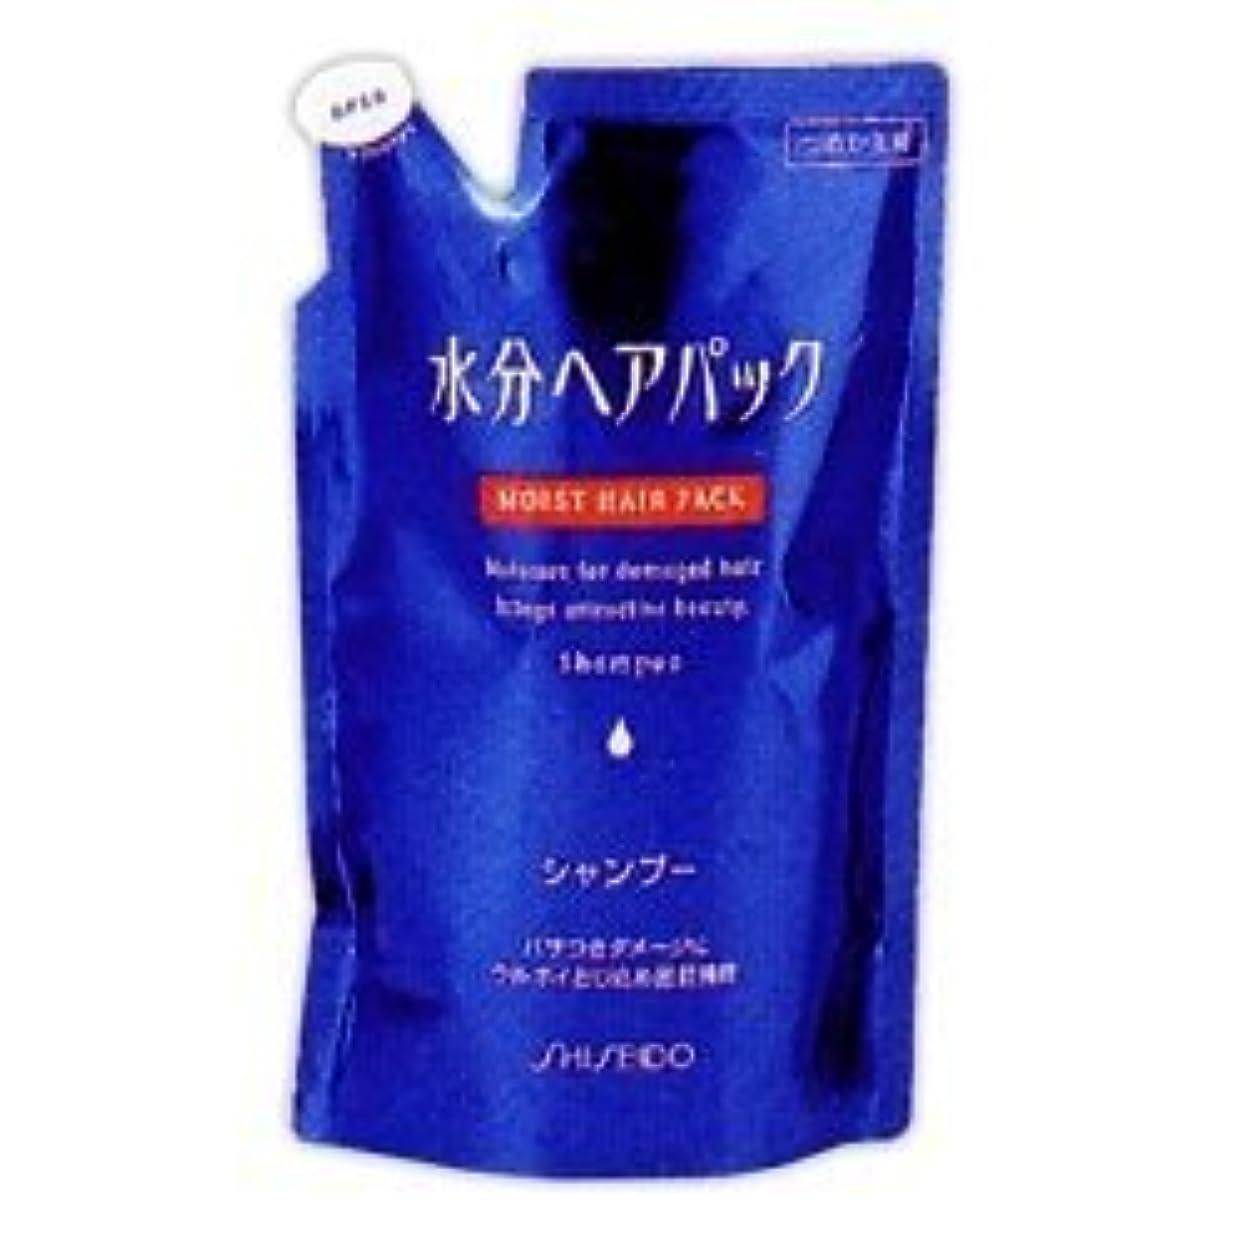 絵ブランド名小さな【エフティ資生堂】水分ヘアパック シャンプー つめかえ用 450ml ×3個セット